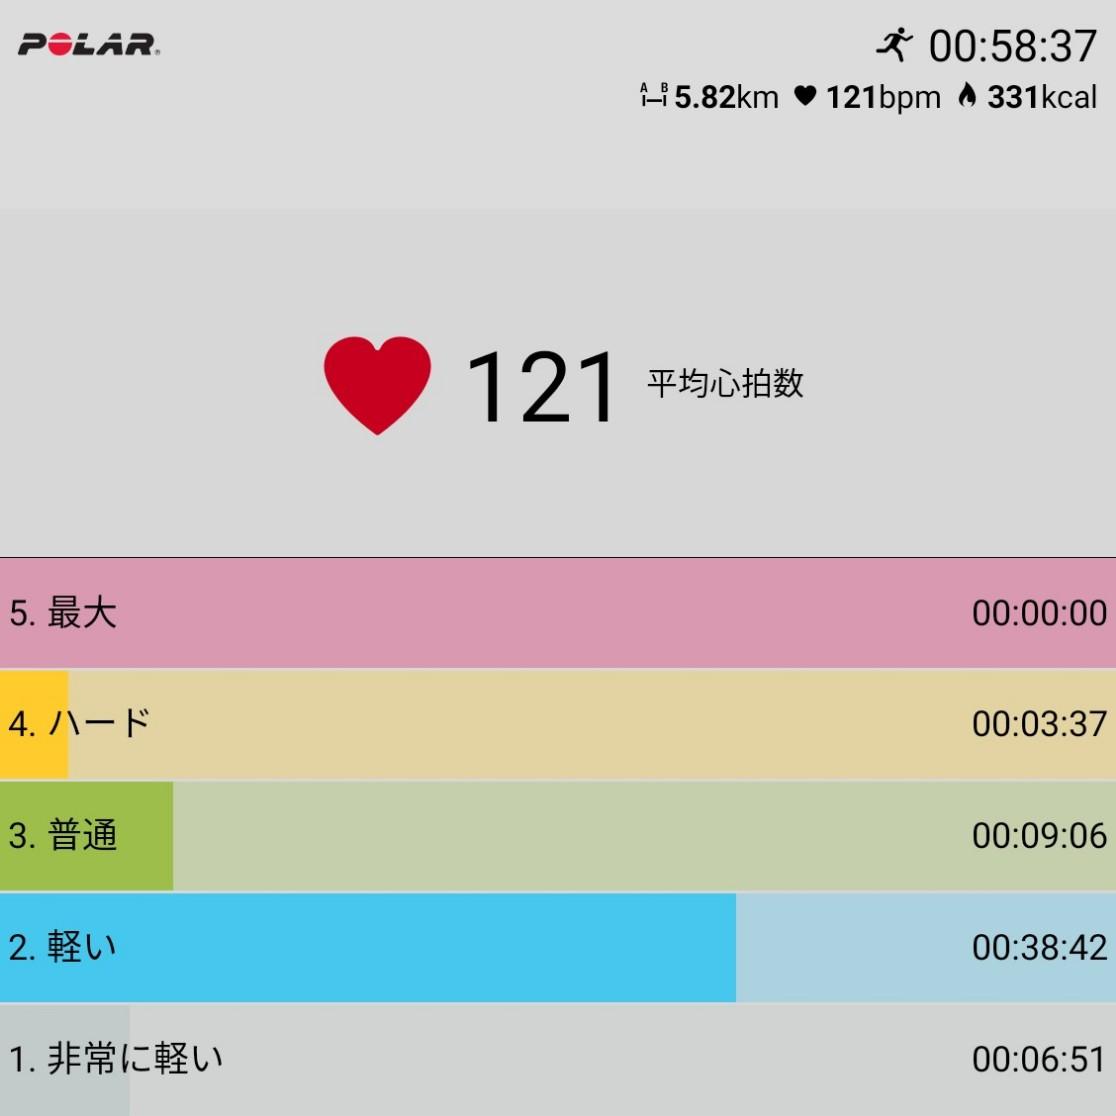 f:id:fuuta09neko:20190603225415j:plain